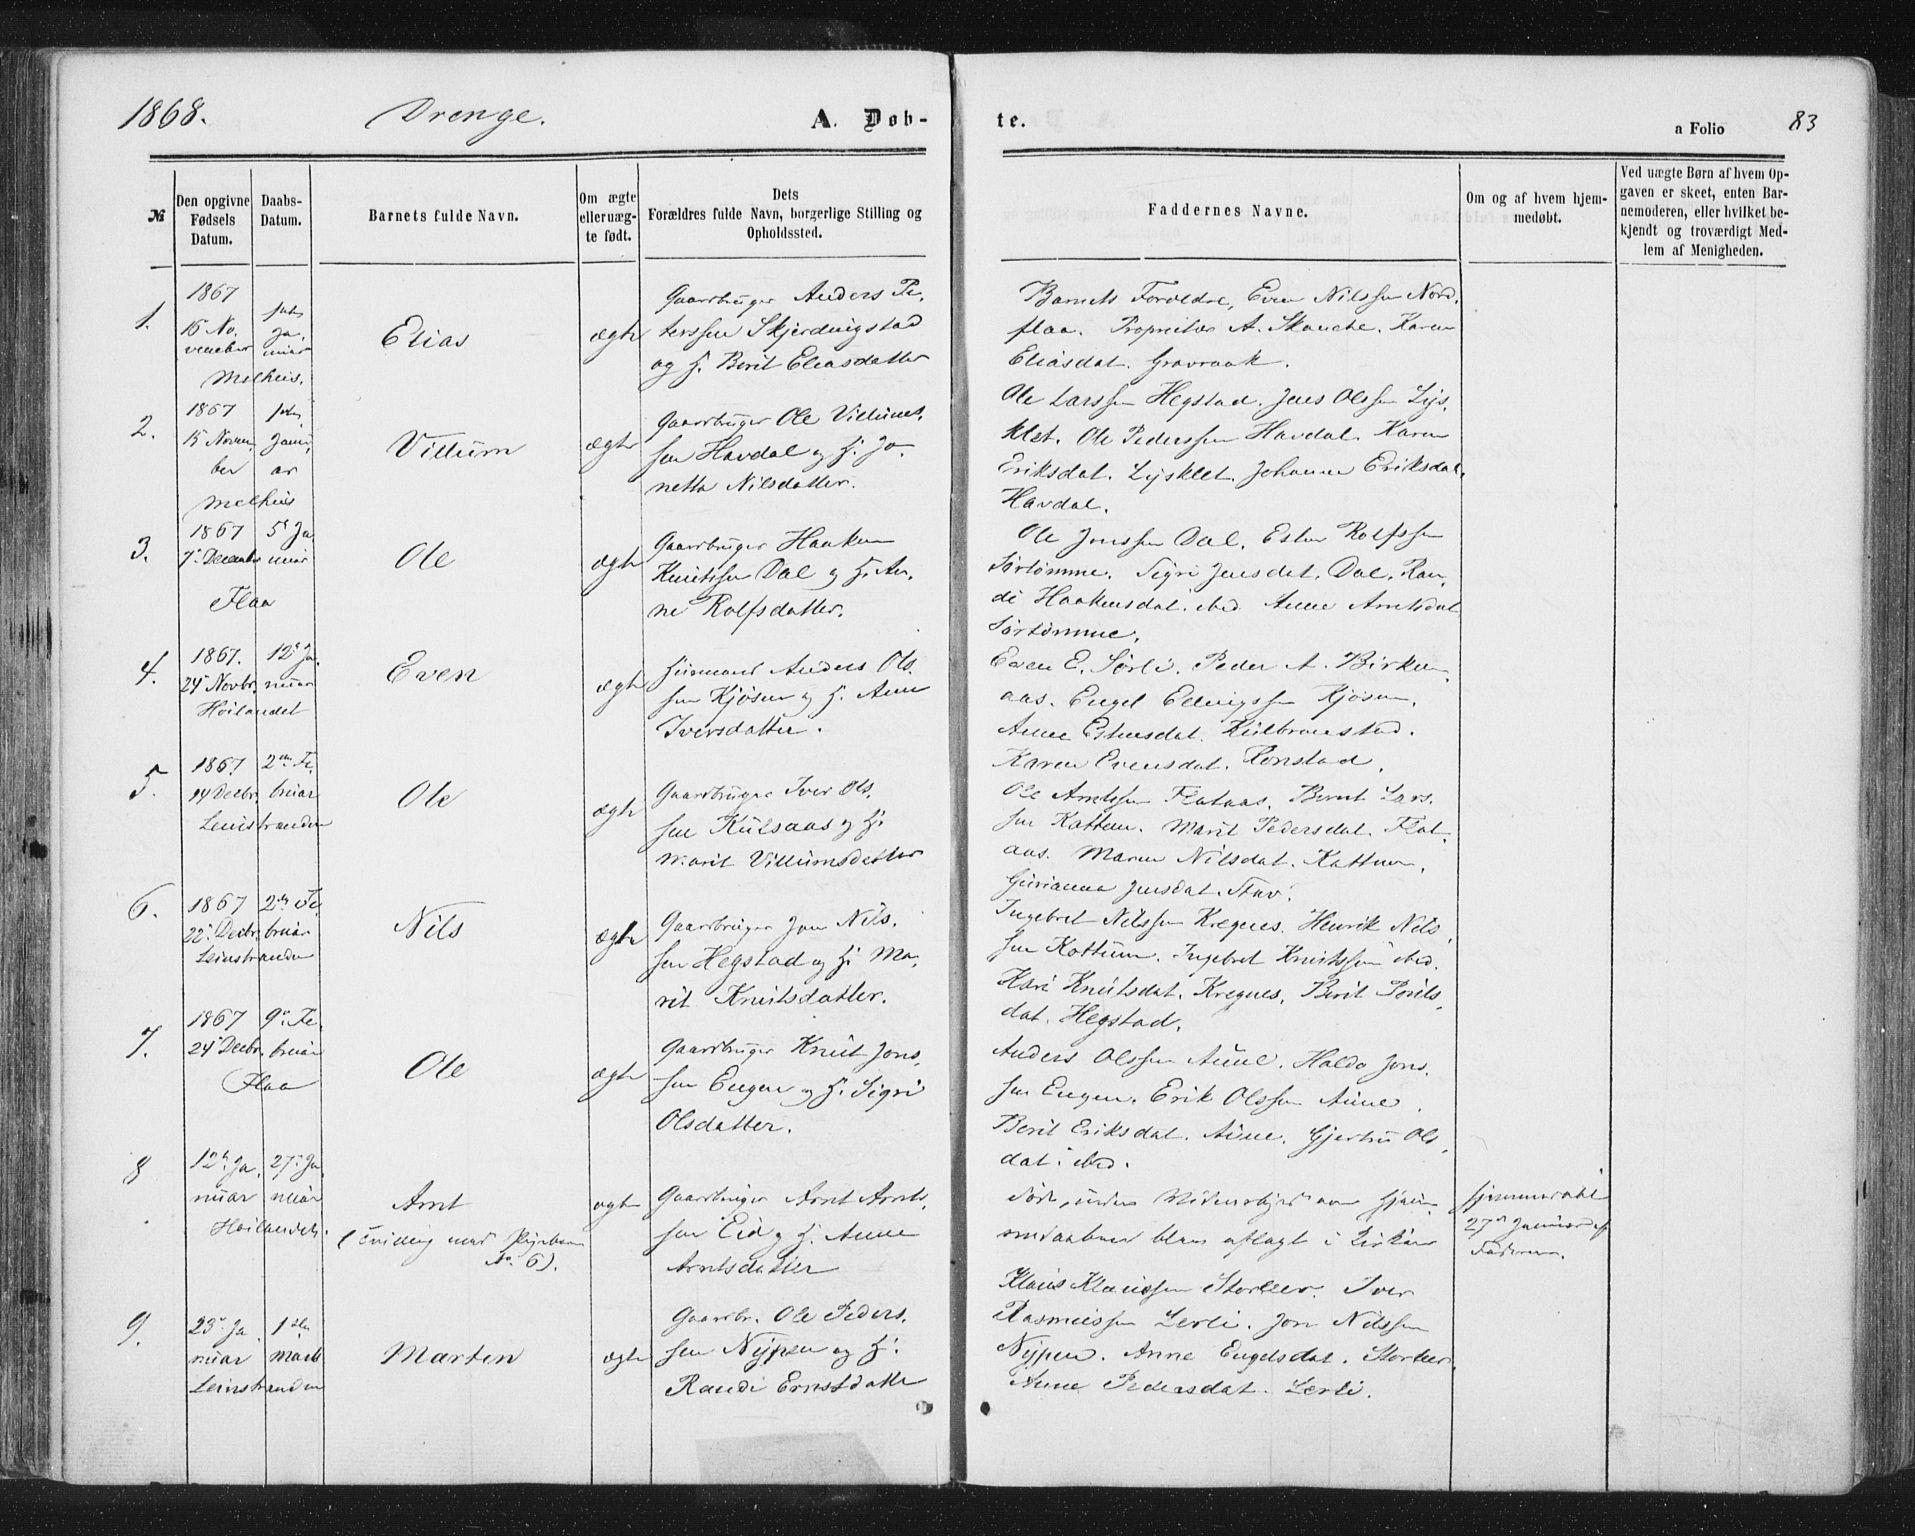 SAT, Ministerialprotokoller, klokkerbøker og fødselsregistre - Sør-Trøndelag, 691/L1077: Ministerialbok nr. 691A09, 1862-1873, s. 83